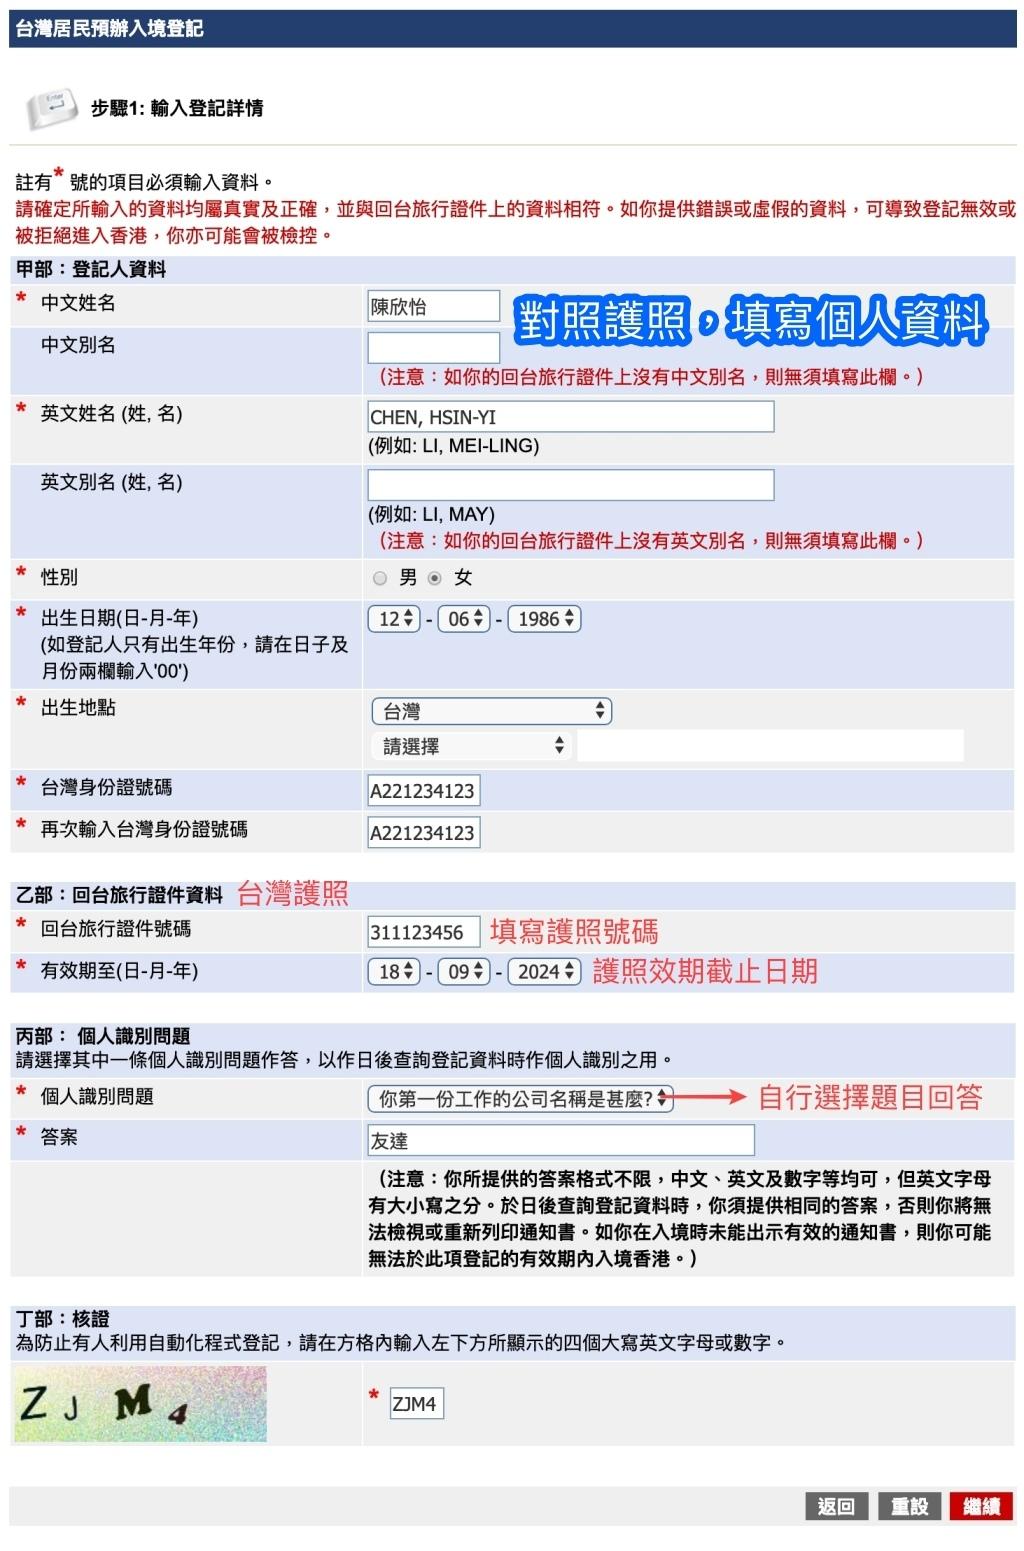 對照台灣護照資料,將台灣居民預辦入境登記資料填入